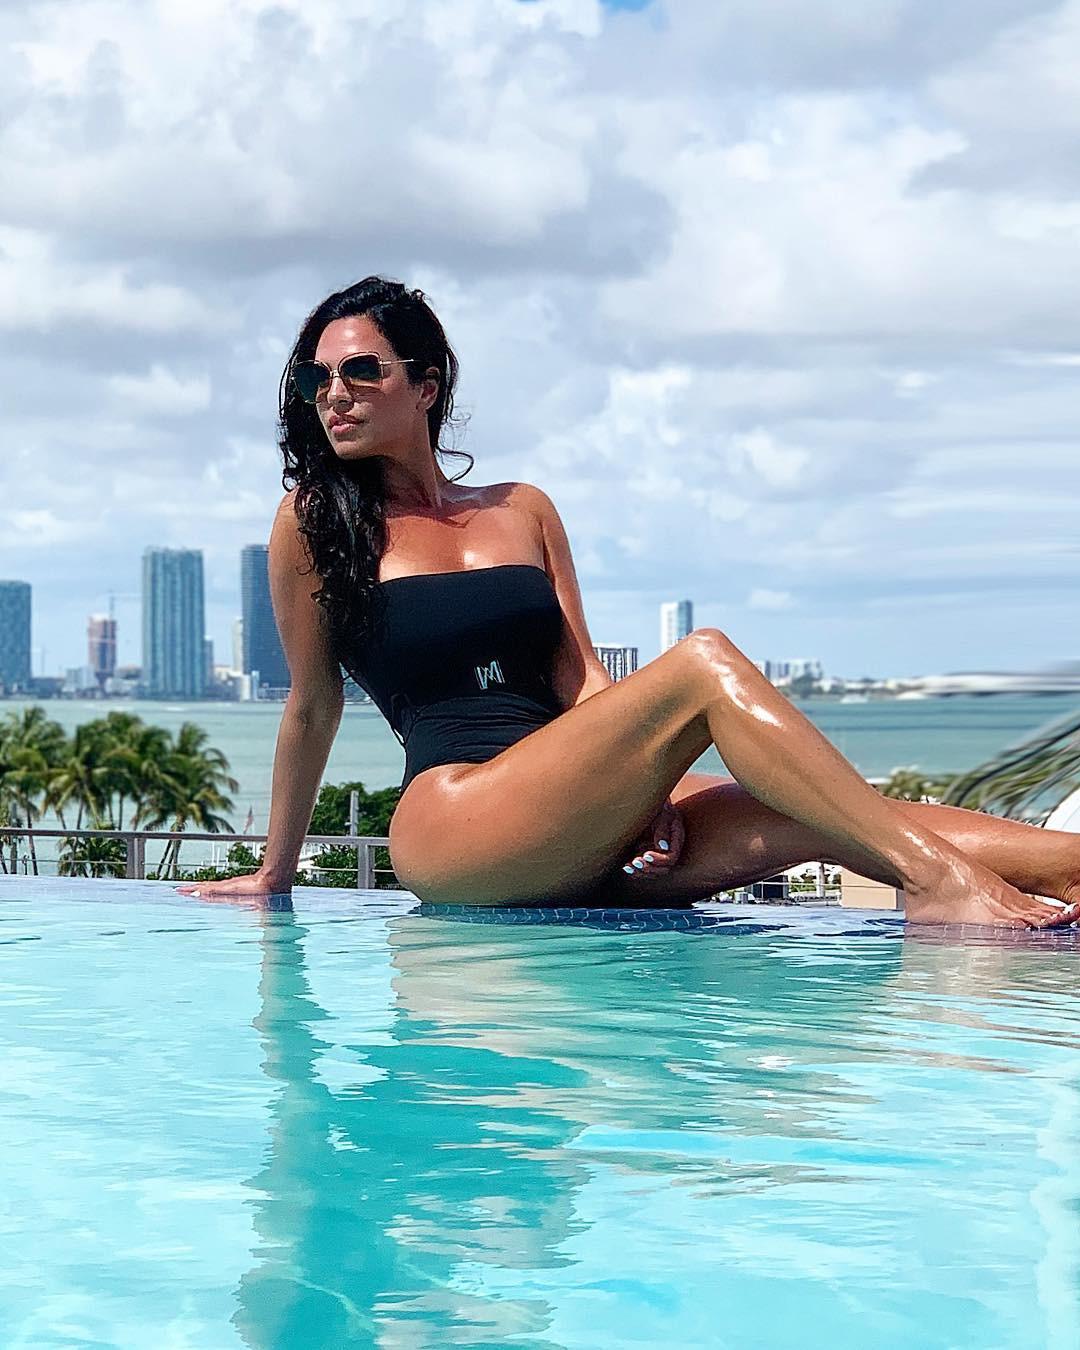 Shadi Y Cair bikini pics swimwear dresses ideas, best photoshoot ideas